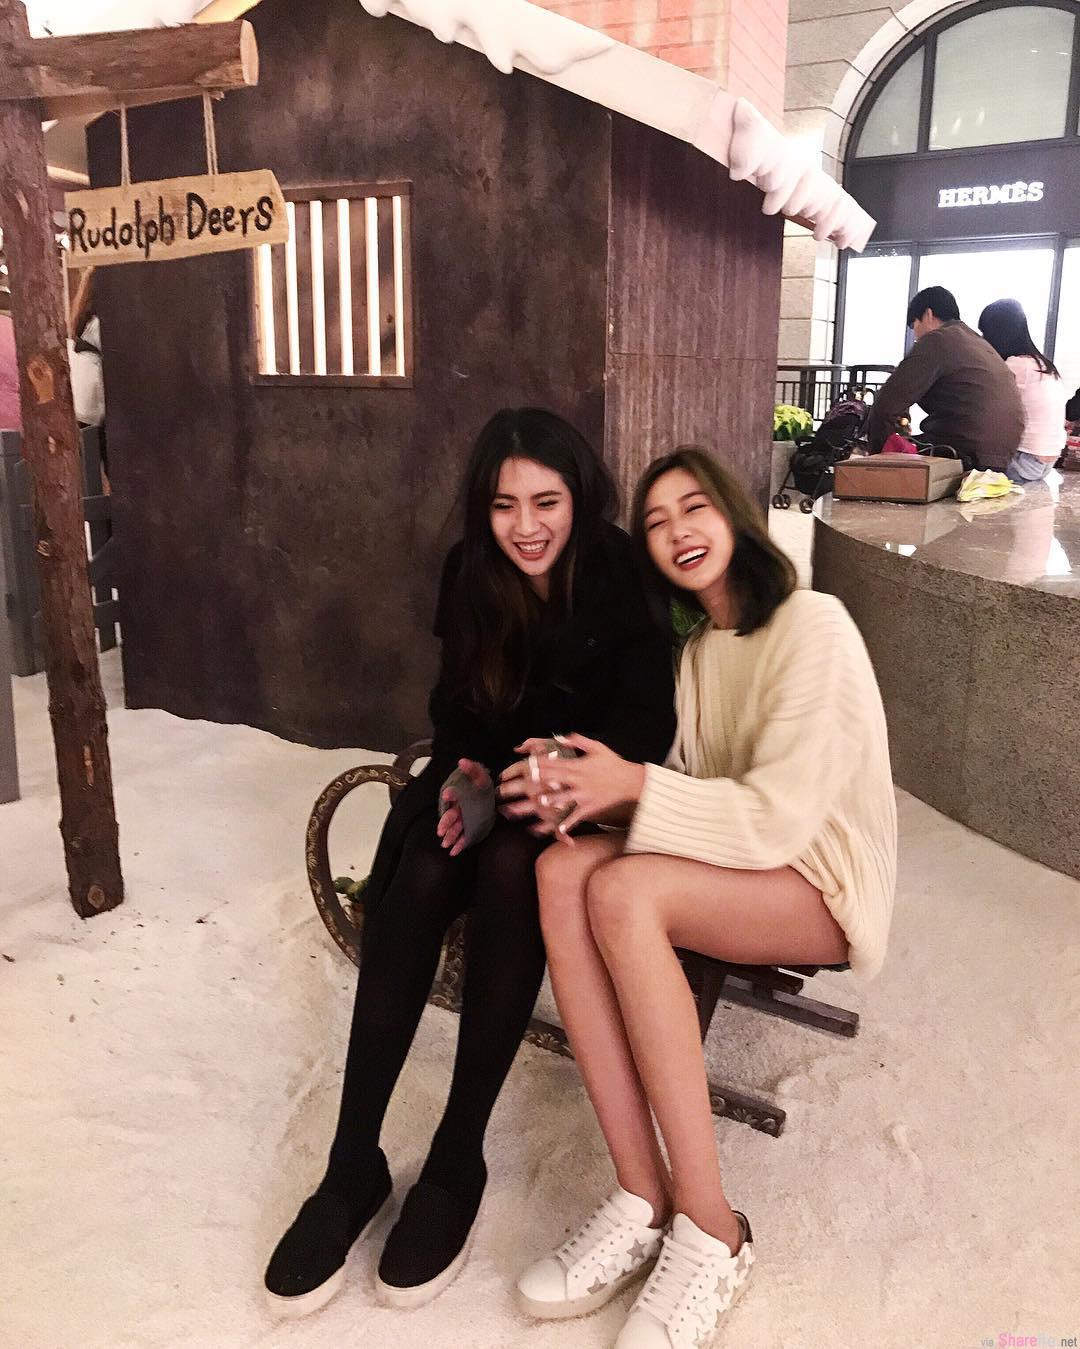 长腿正妹Jennifer Wang超短热裤不只秀美腿连屁屁蛋也露了一下